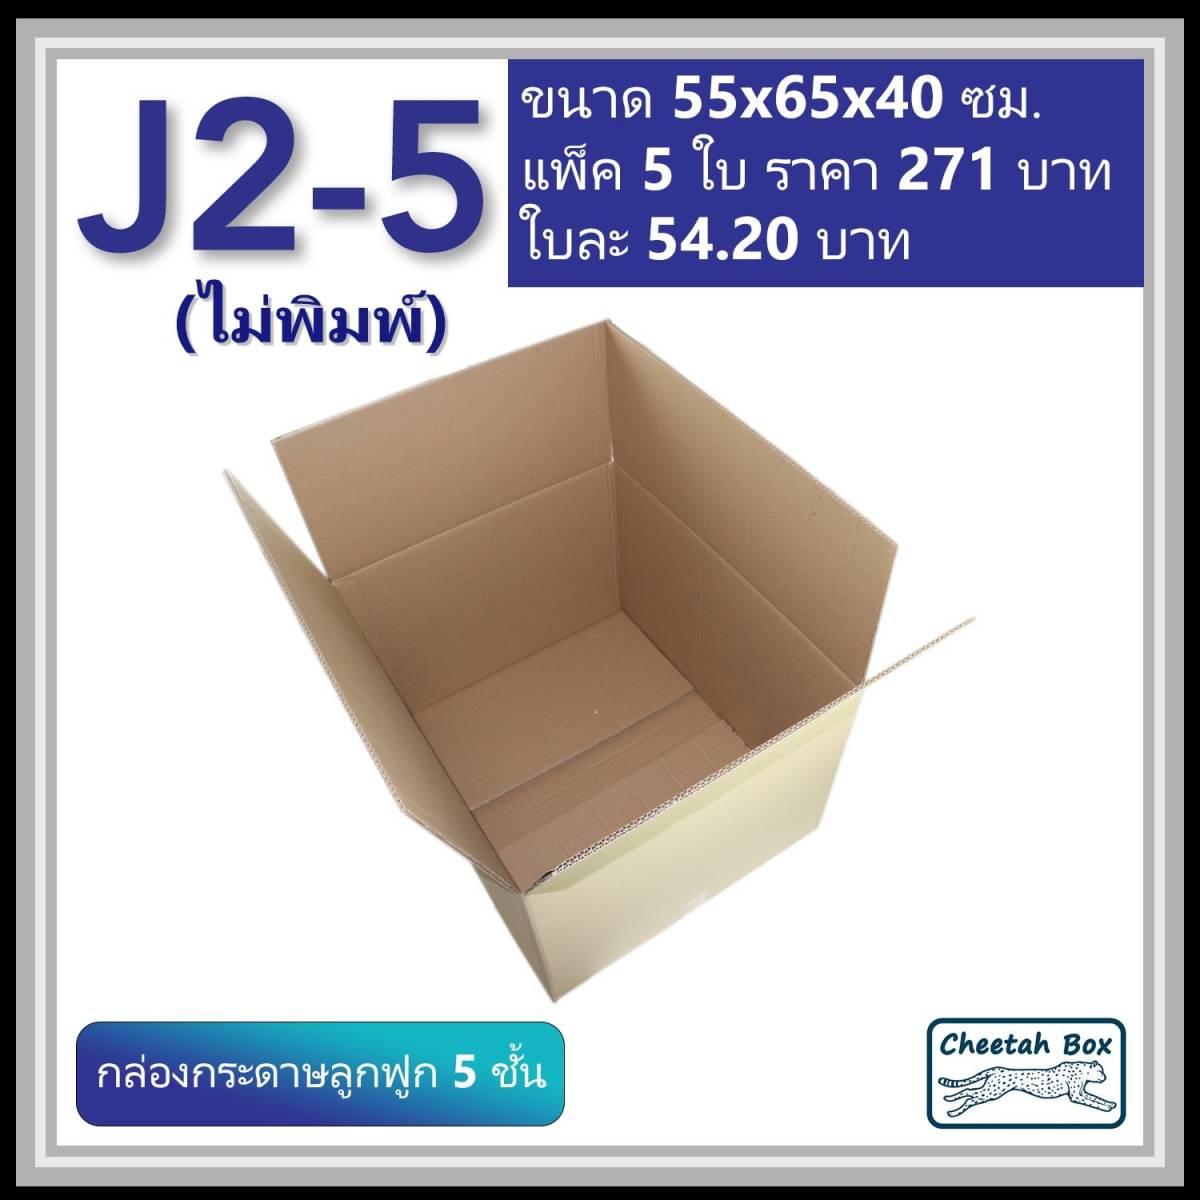 กล่องพัสดุขนาดใหญ่ J2-5 ลูกฟูก 5 ชั้น (Cheetah Box ขนาด 55*65*40 CM)